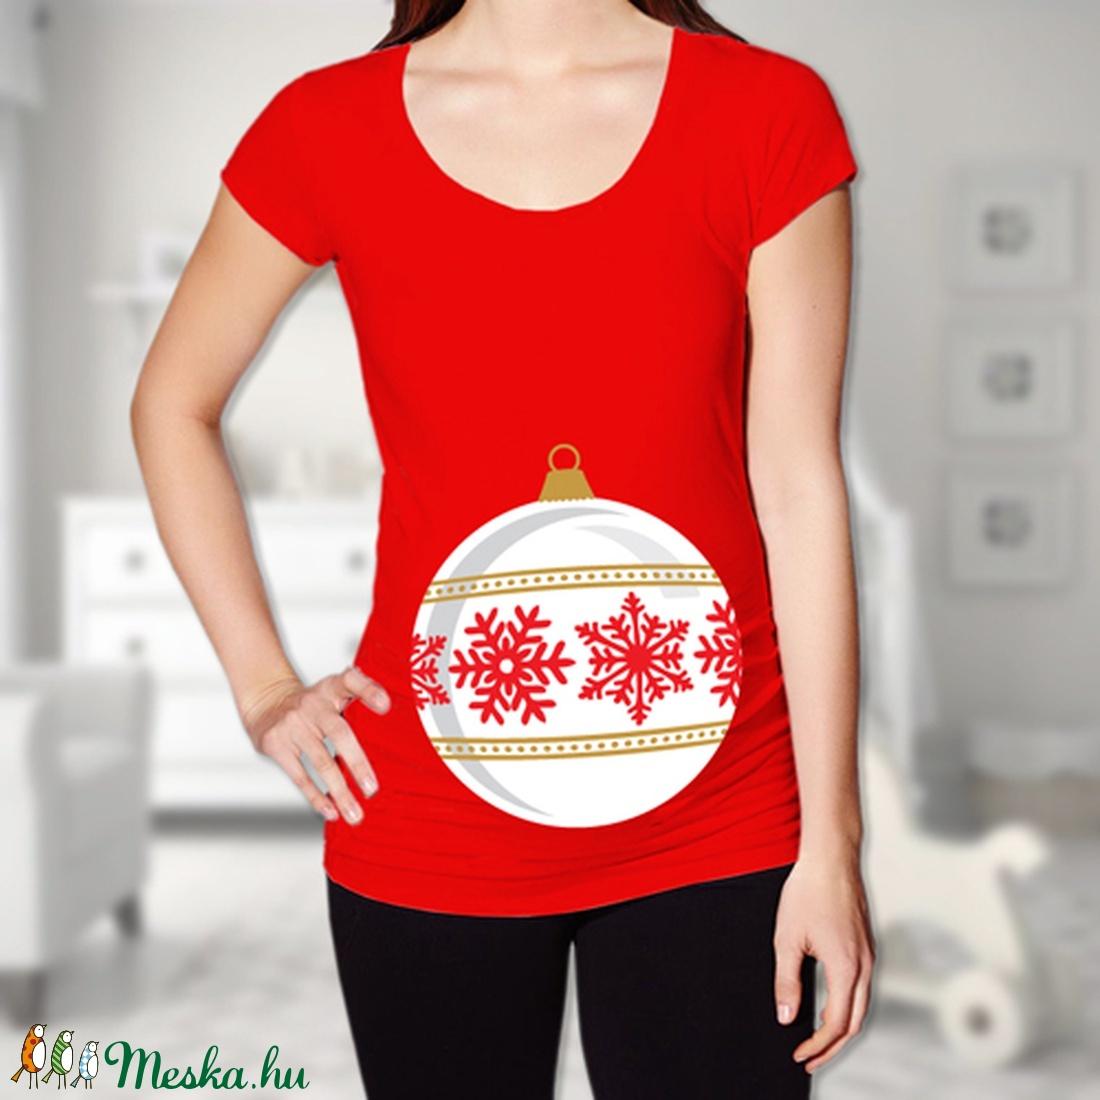 ... Karácsonyi díszgömb kismama póló - több színben (PoloBazis) - Meska.hu 7cc17c4d1b